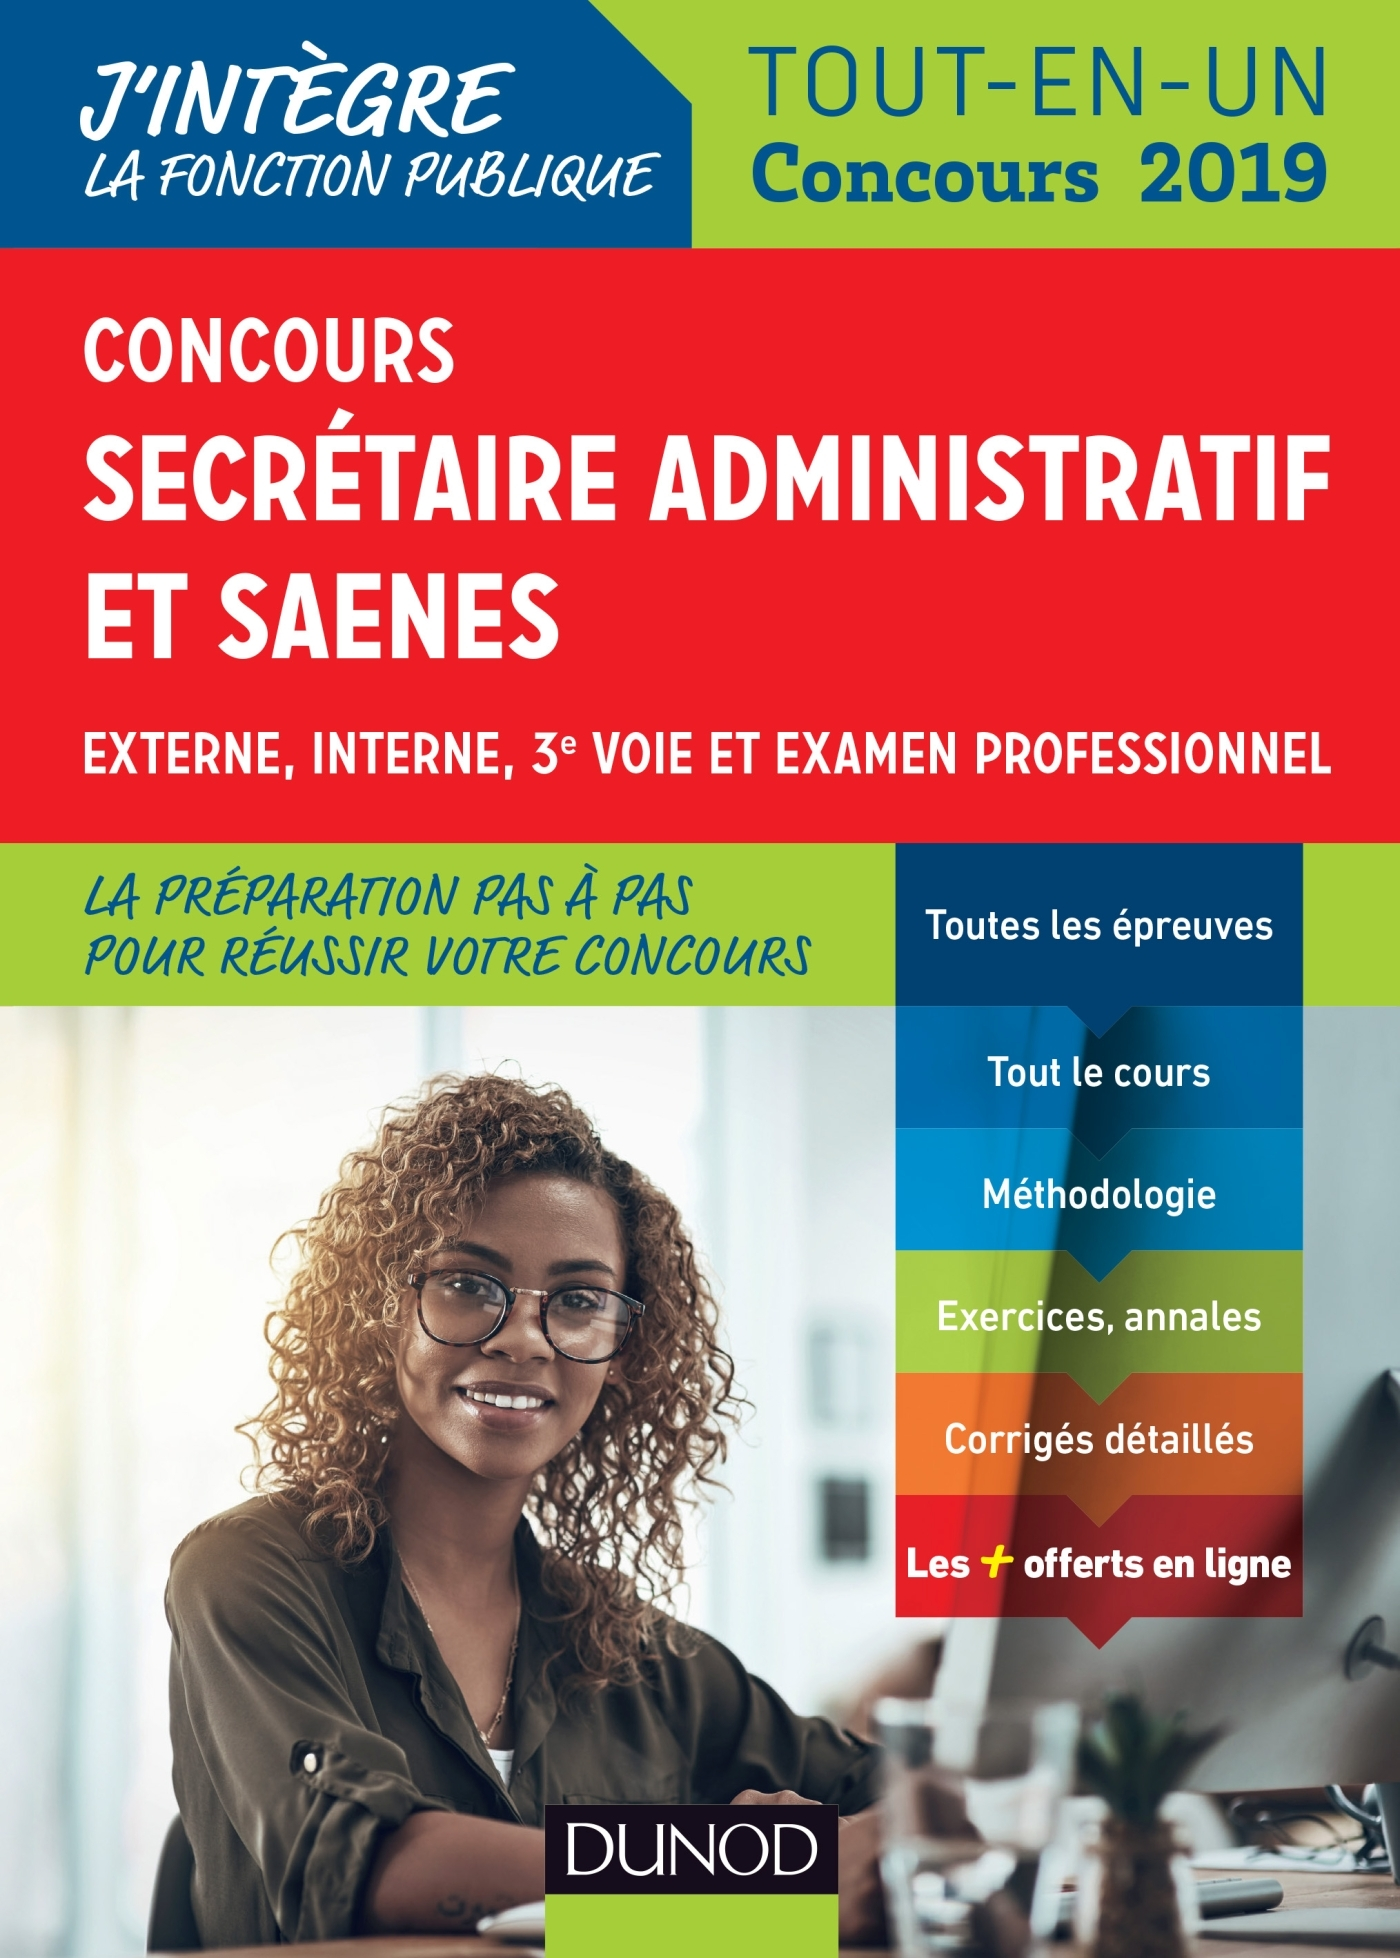 CONCOURS SECRETAIRE ADMINISTRATIF ET SAENES - TOUT-EN-UN - CONCOURS 2019